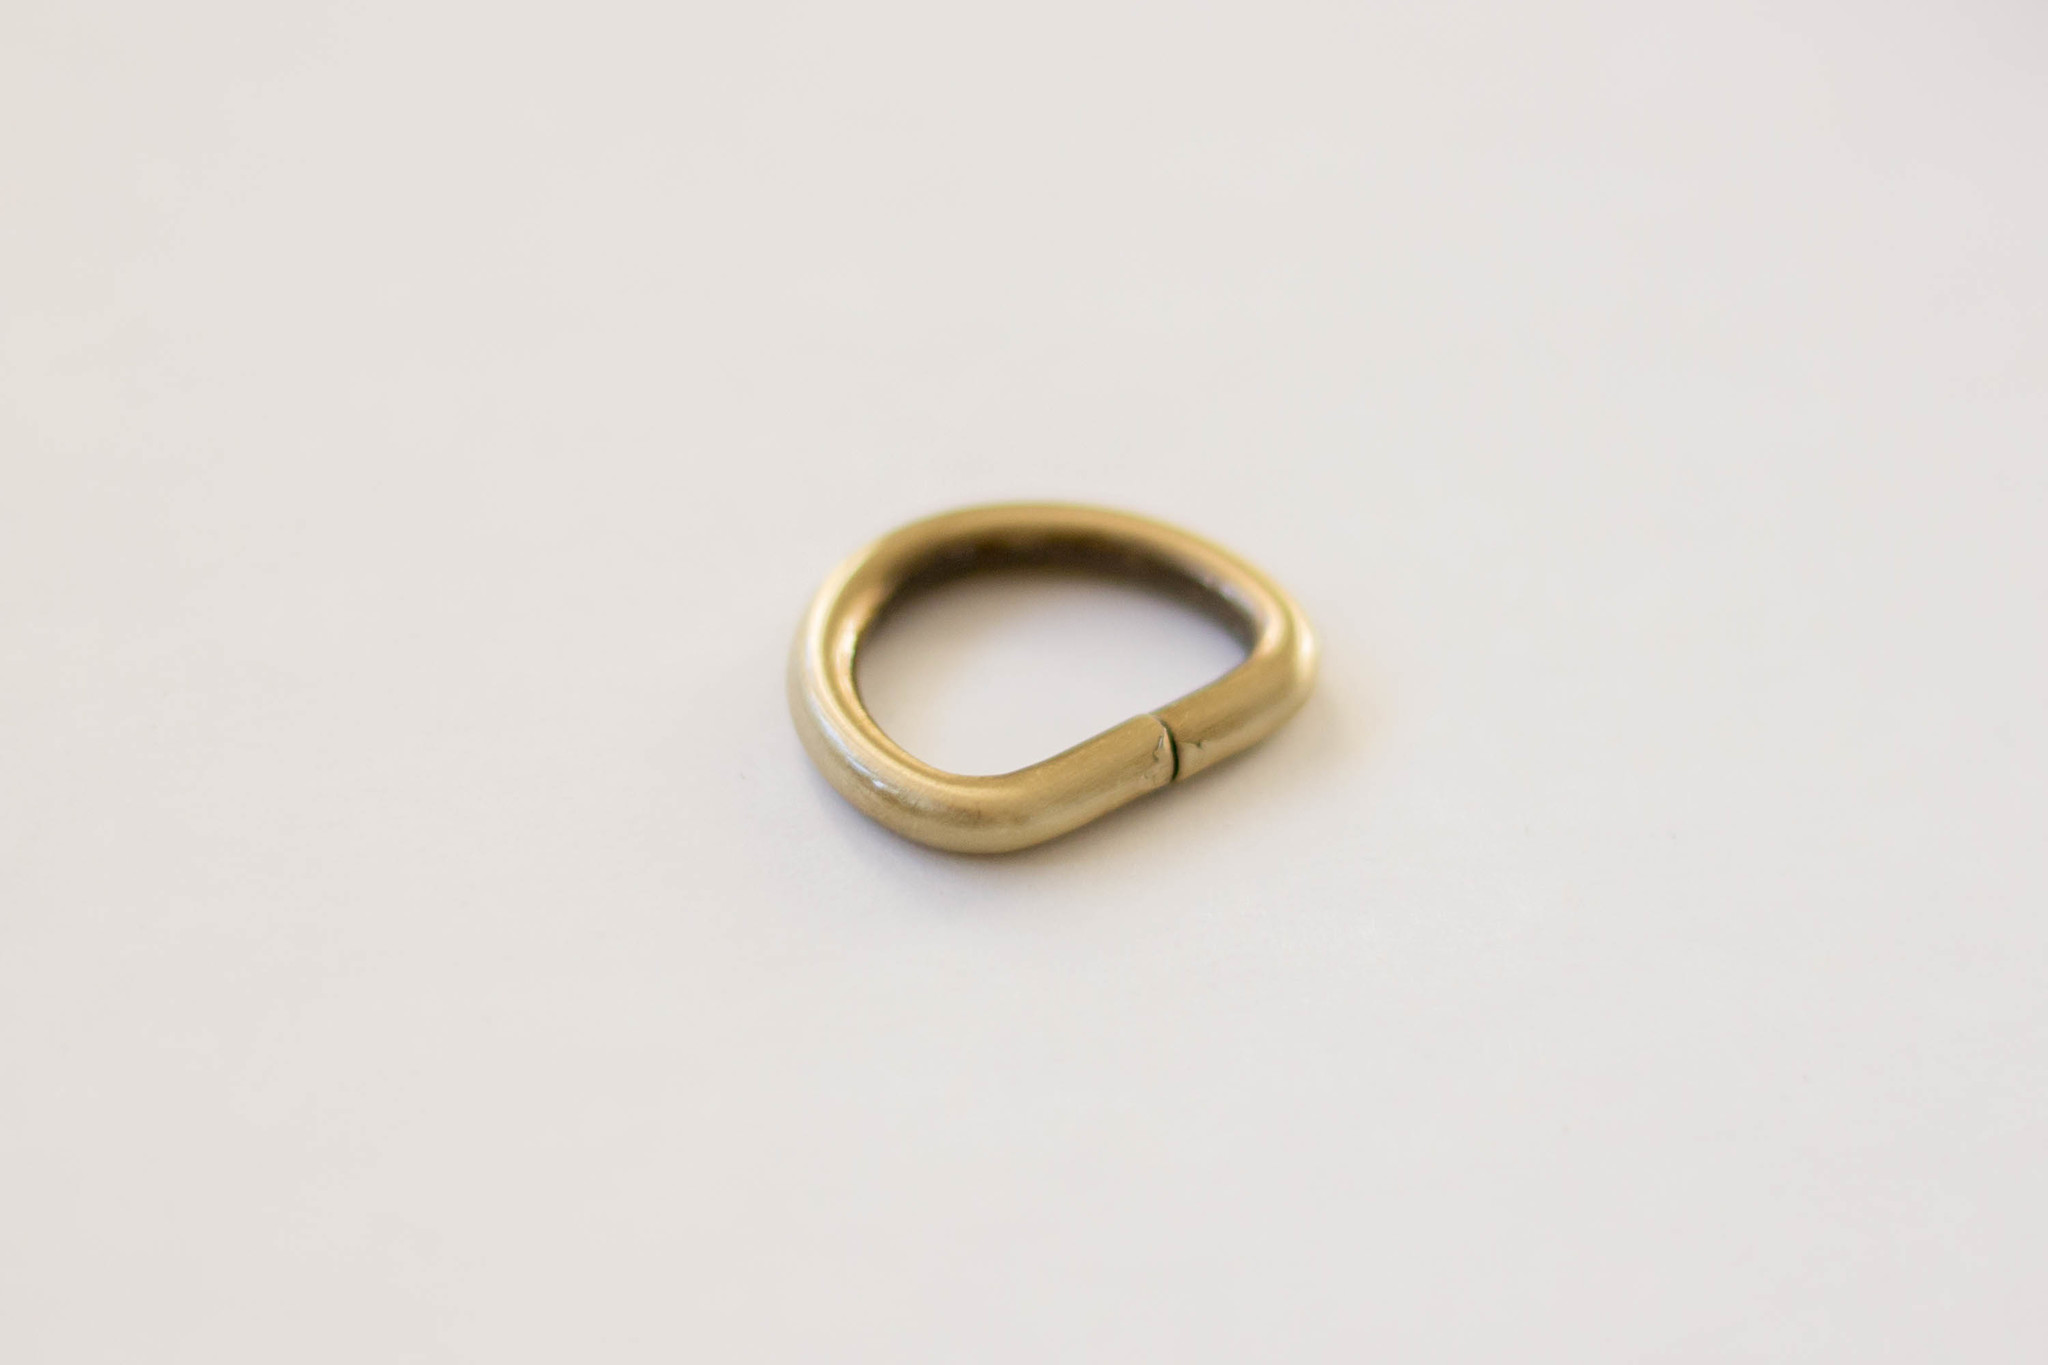 Полукольцо 20 мм - латунь